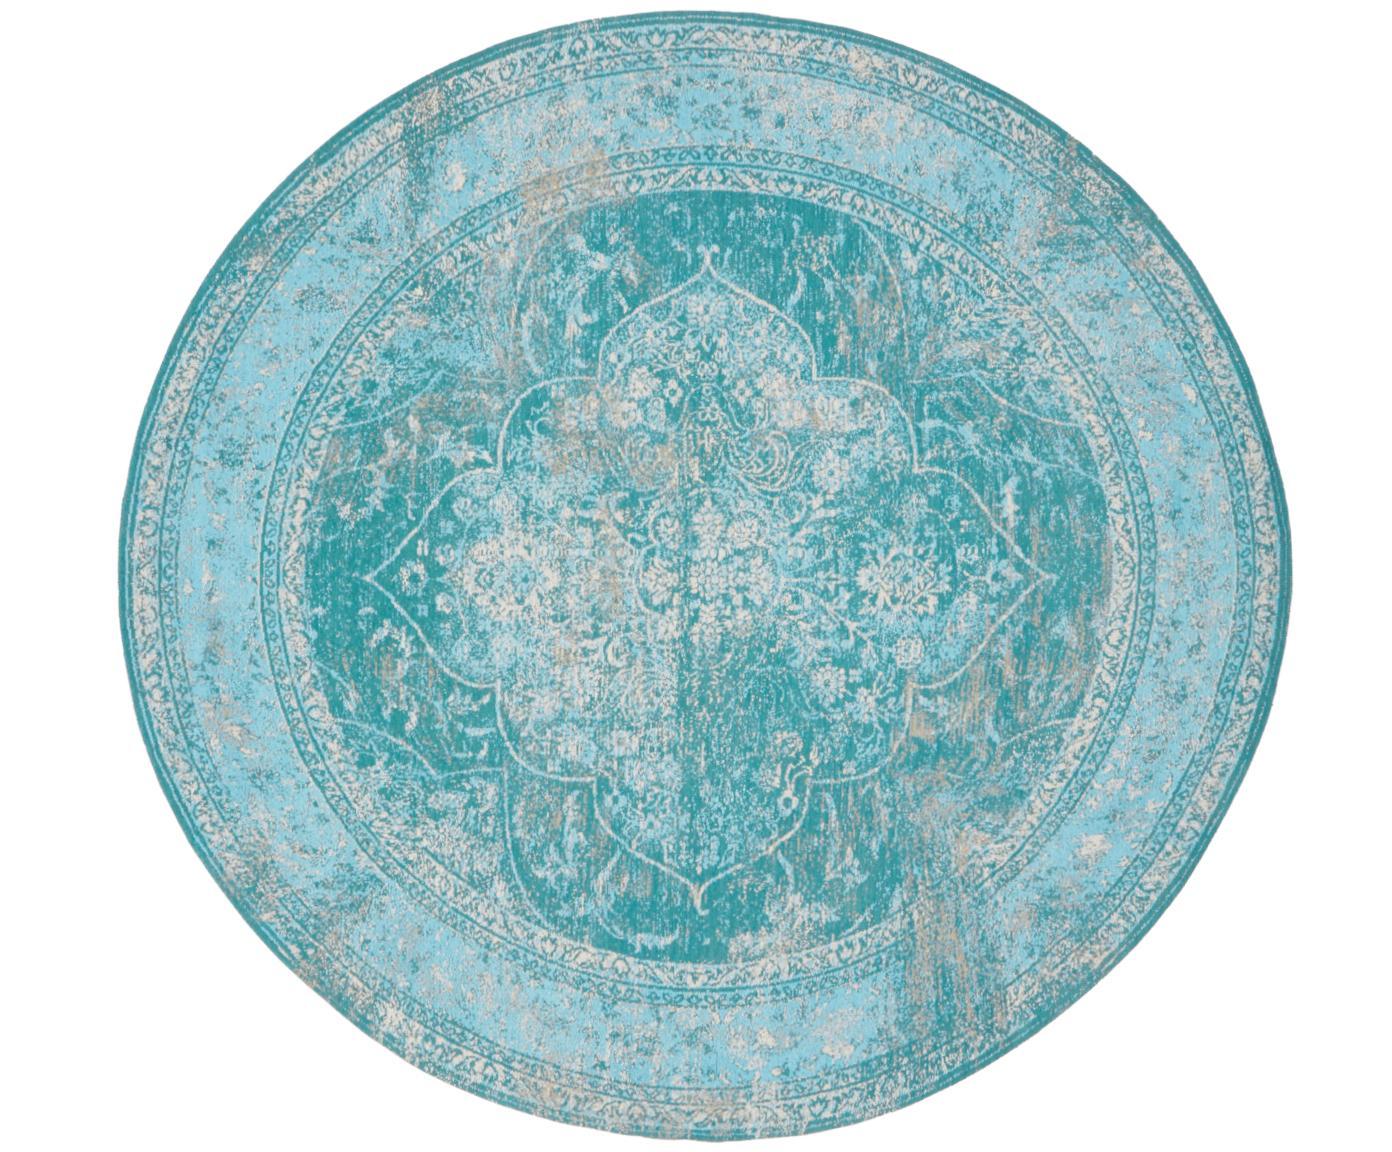 Runder Vintage Chenilleteppich Palermo in Türkis, Flor: 95% Baumwolle, 5% Polyest, Türkis, Hellblau, Creme, Ø 150 cm (Grösse M)